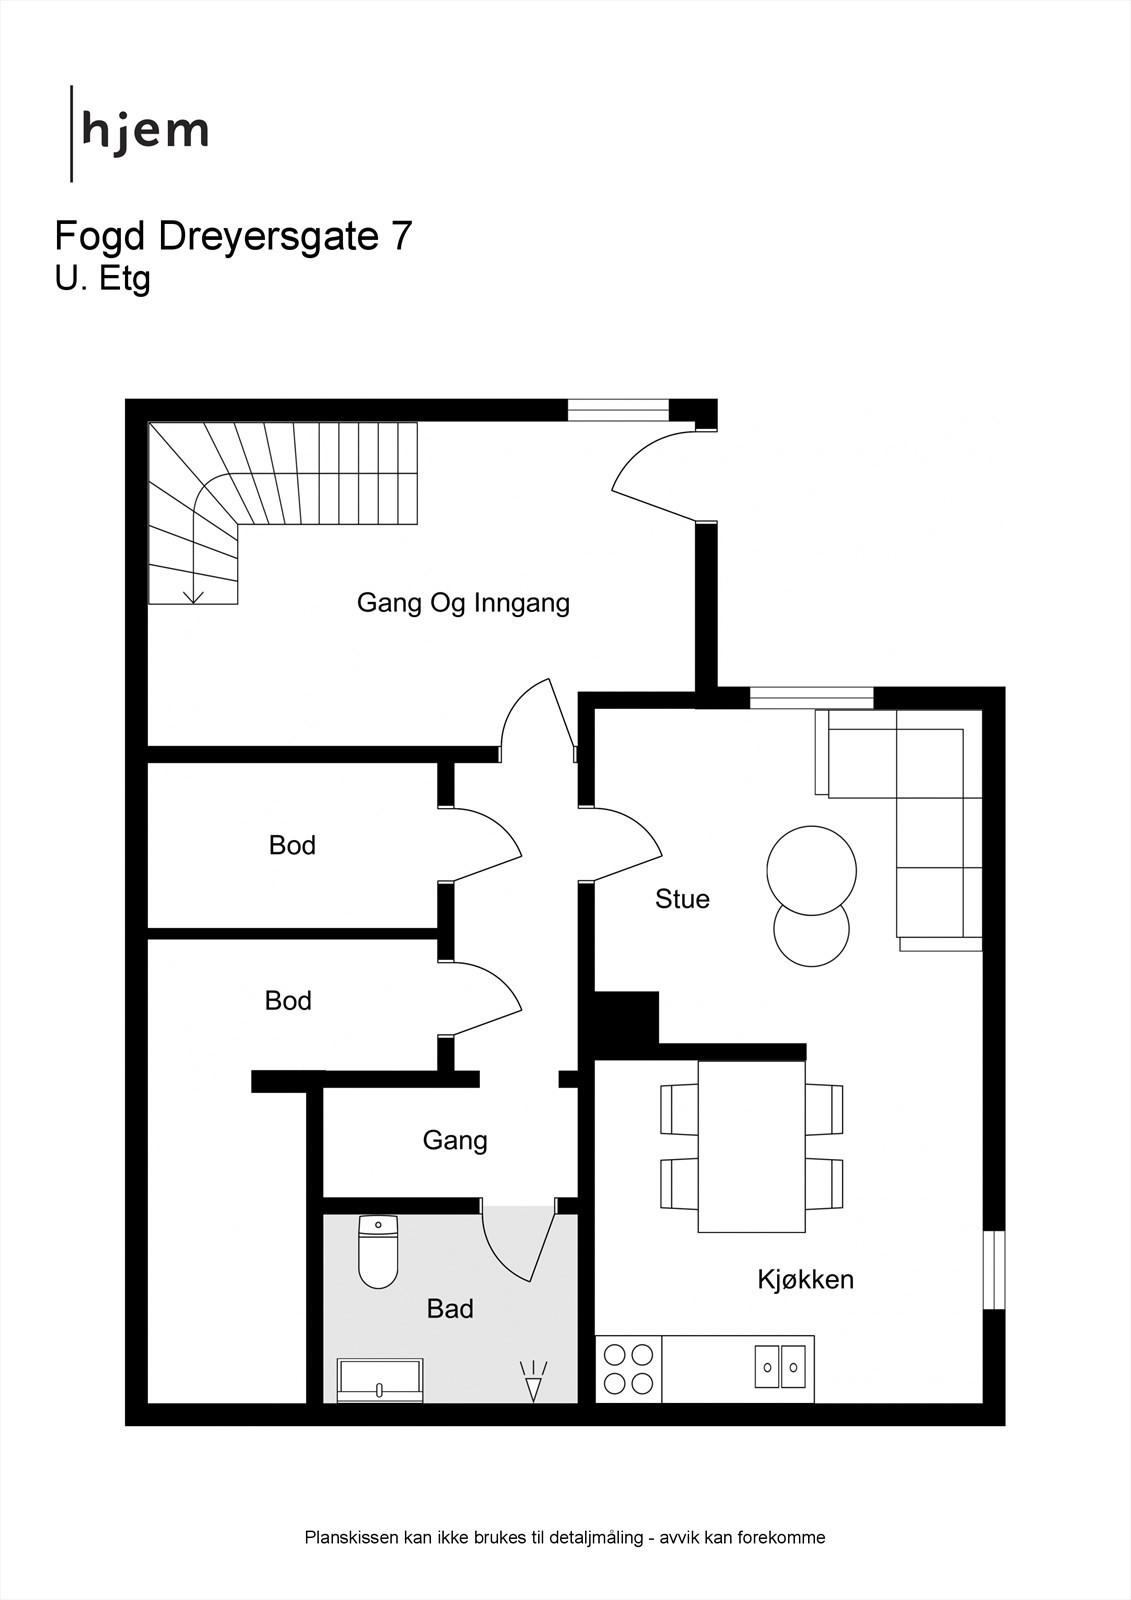 Fogd Dreyersgate 7 - 2D - U. Etg